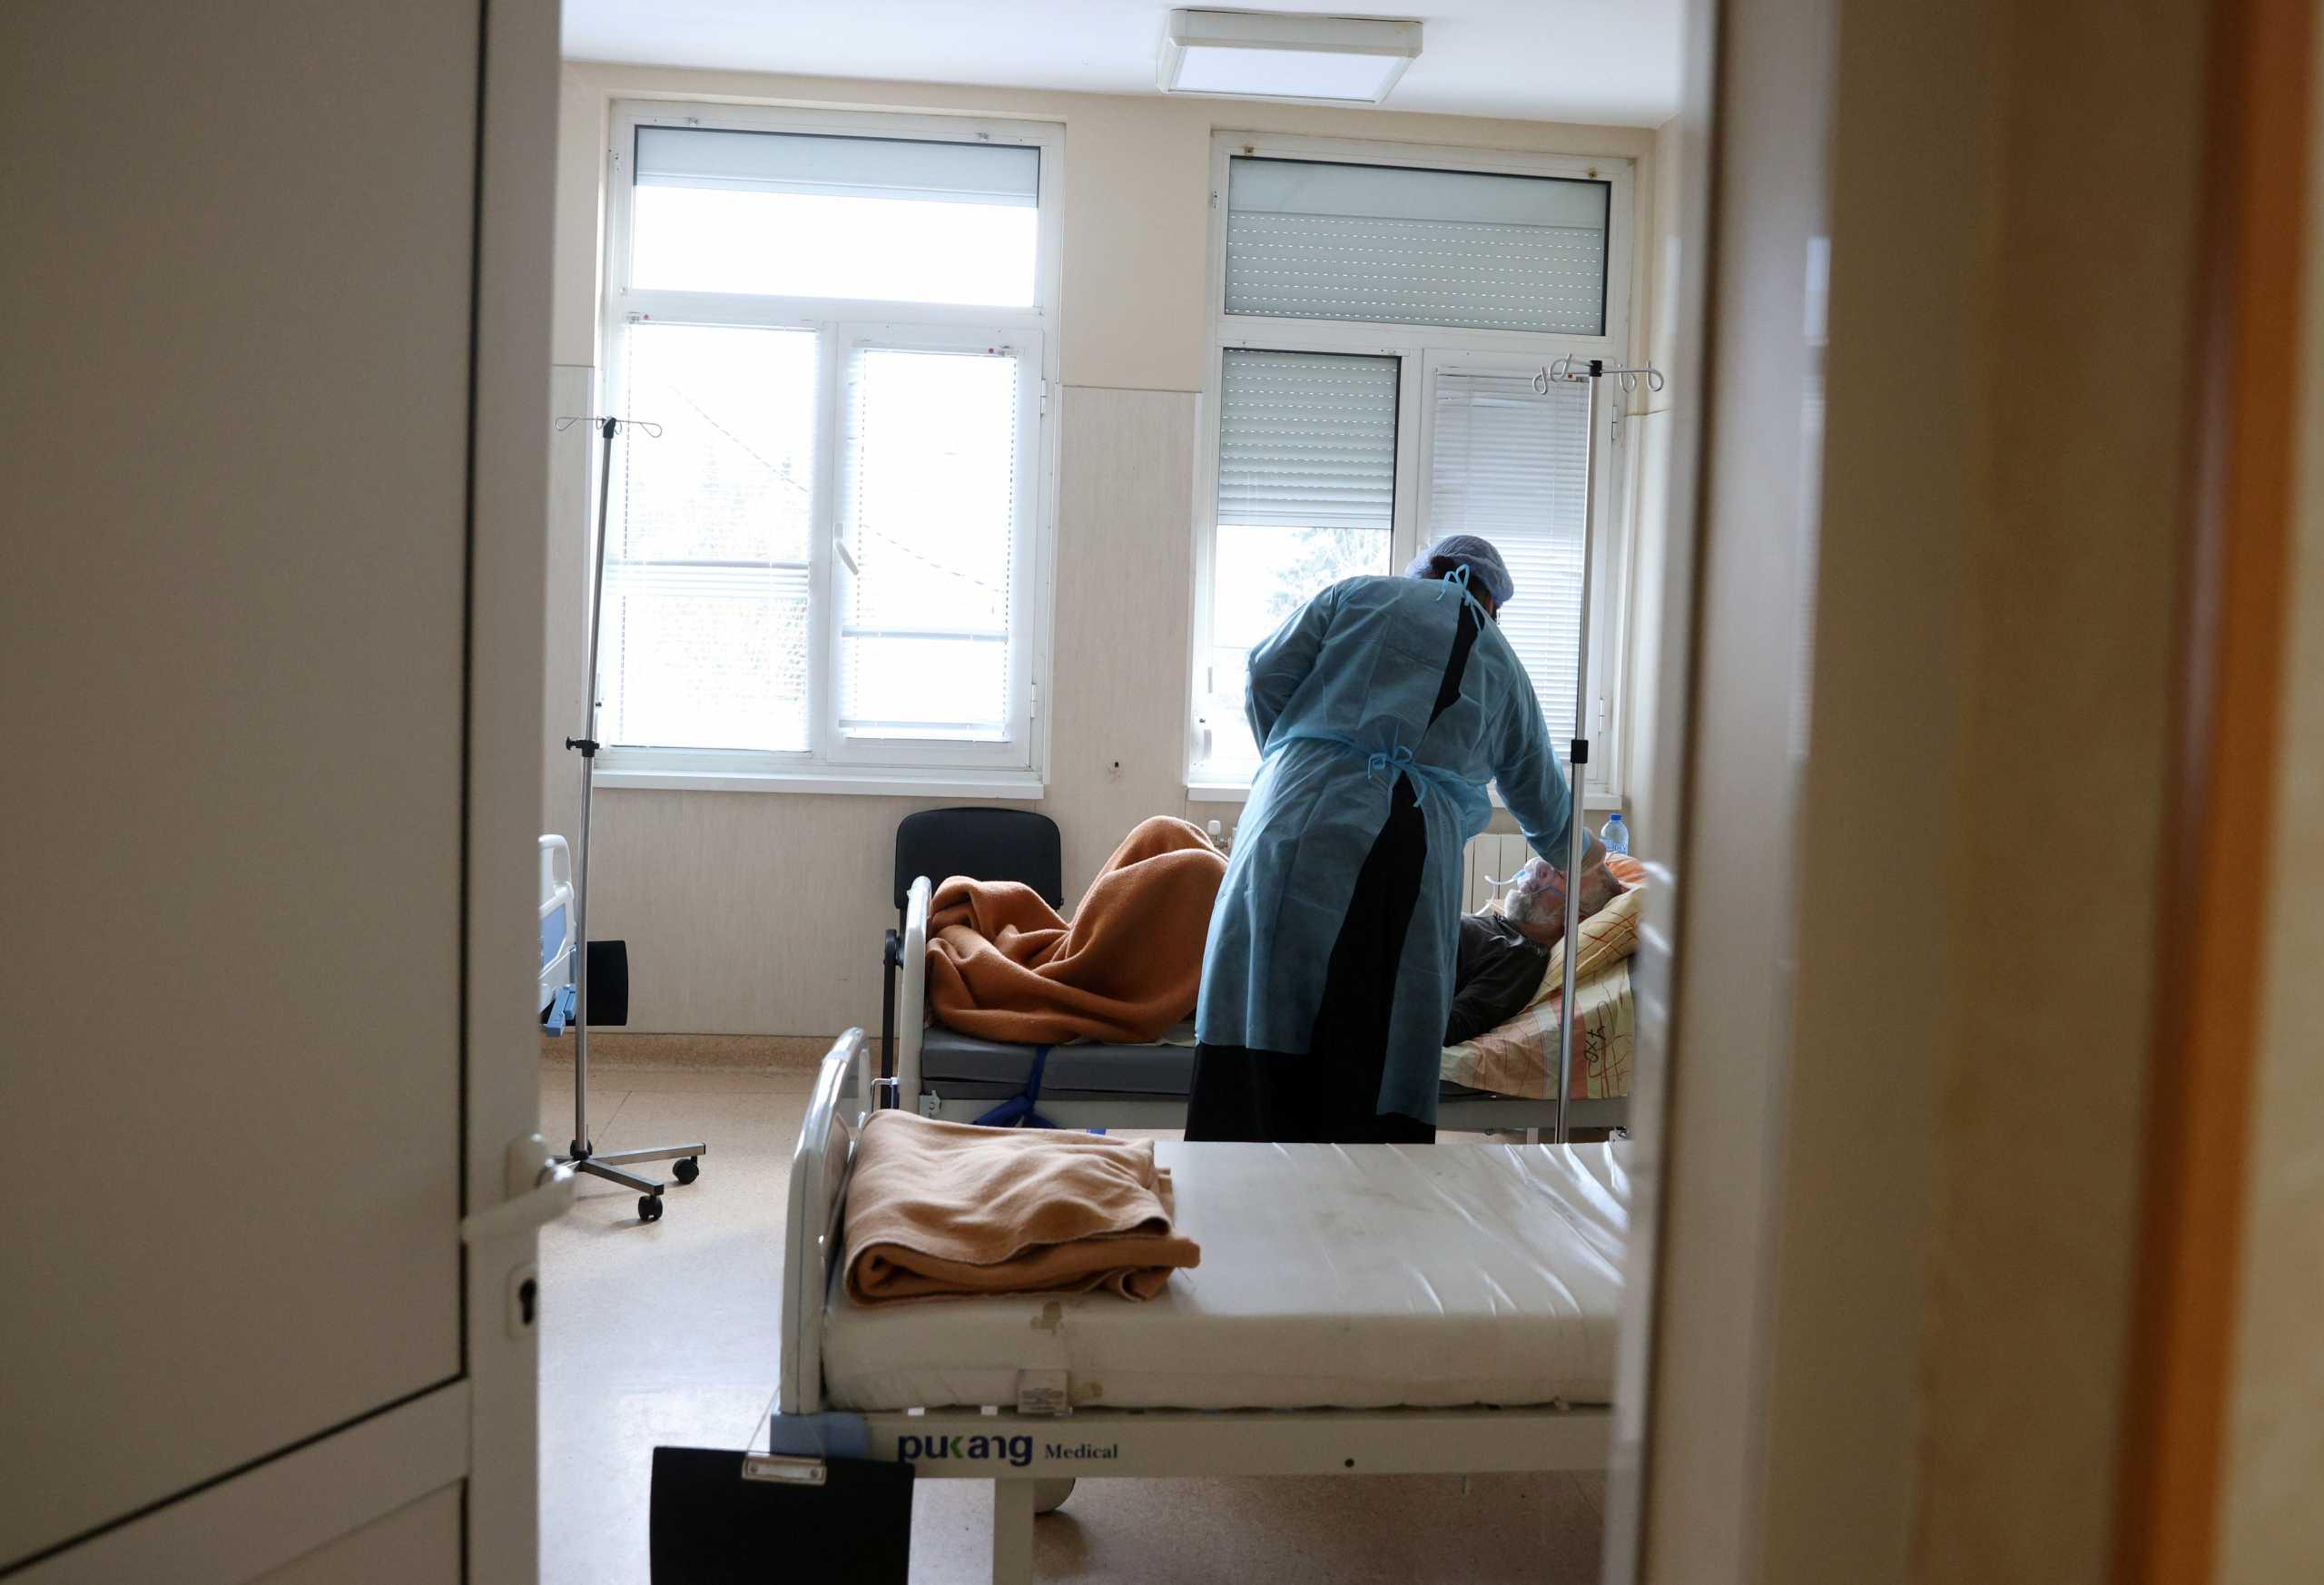 Κρήτη – Κορονοϊός: Προς σκληρό lockdown μέσα στις επόμενες μέρες – Φόβος από τα ενεργά κρούσματα